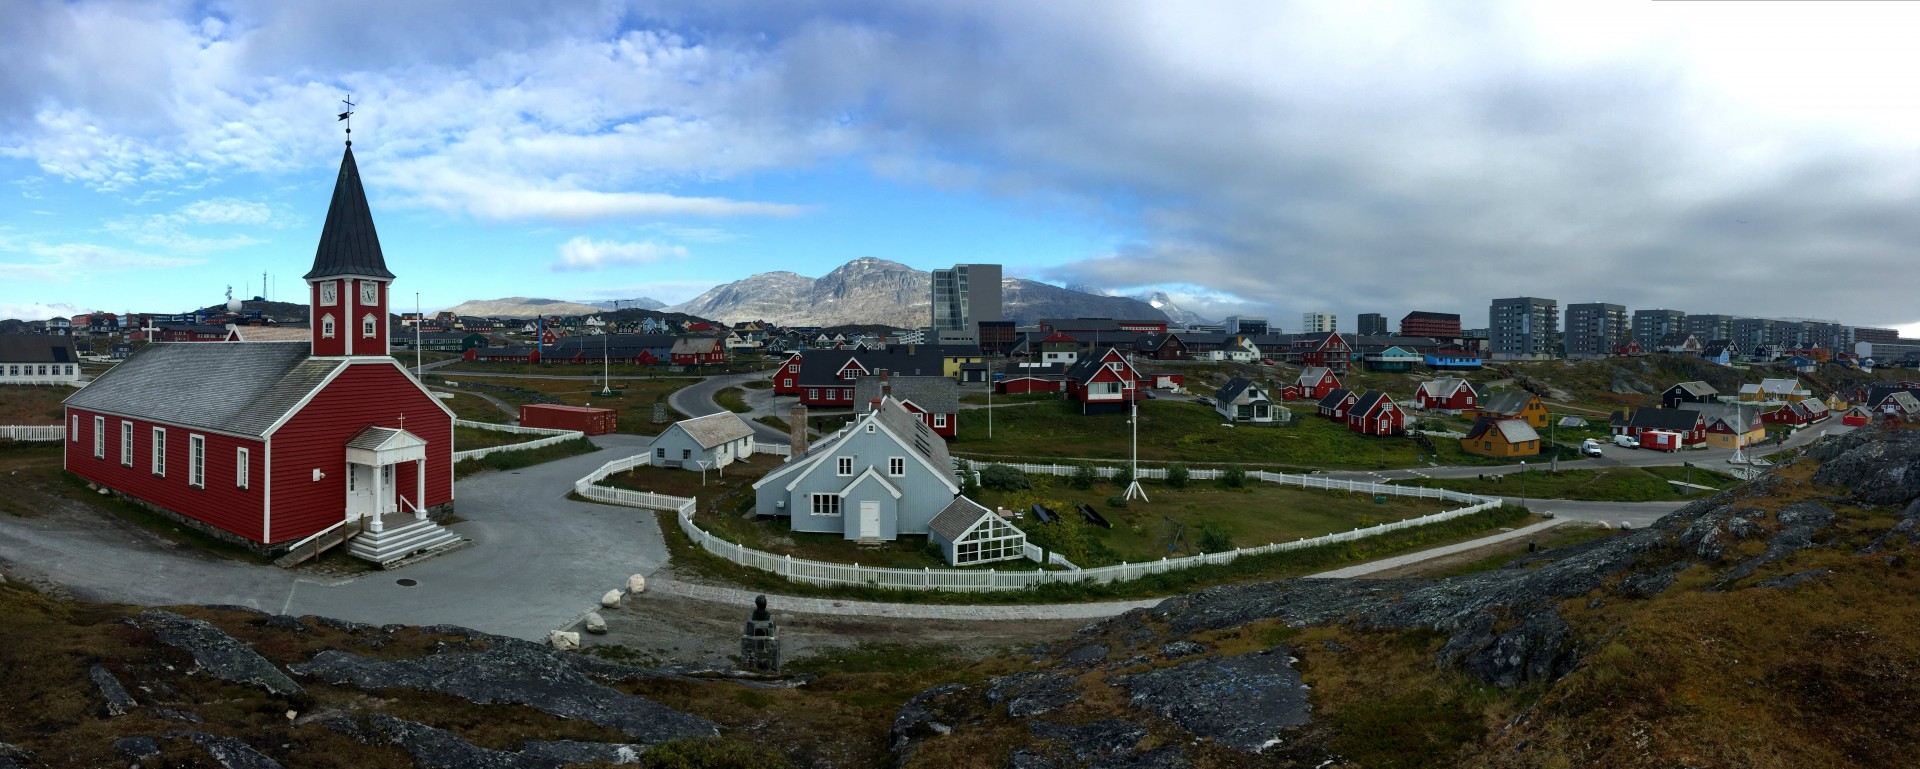 Nuuk Bucket List, Nuuk, Greenland